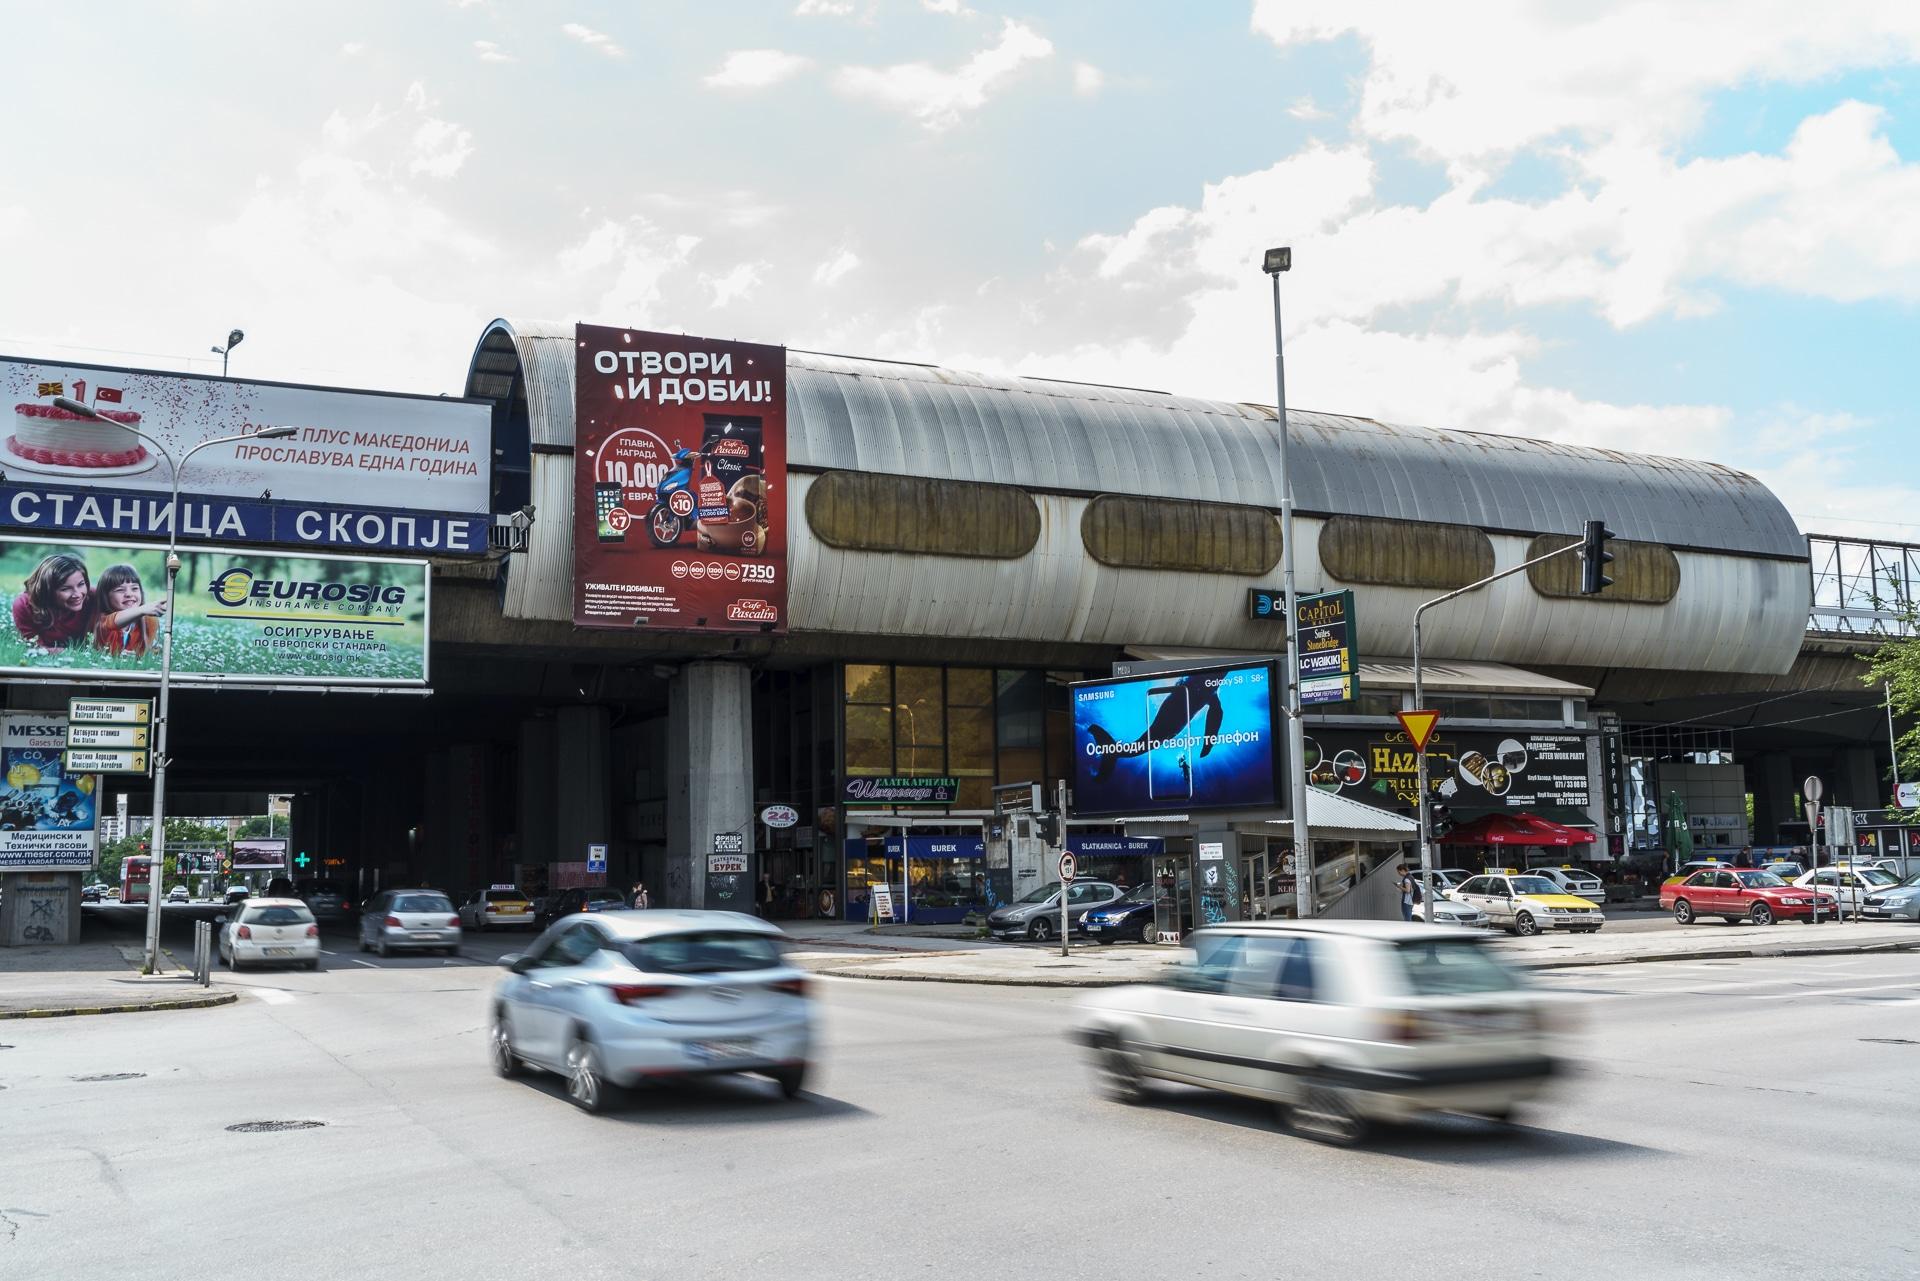 Bahnhof Skopje